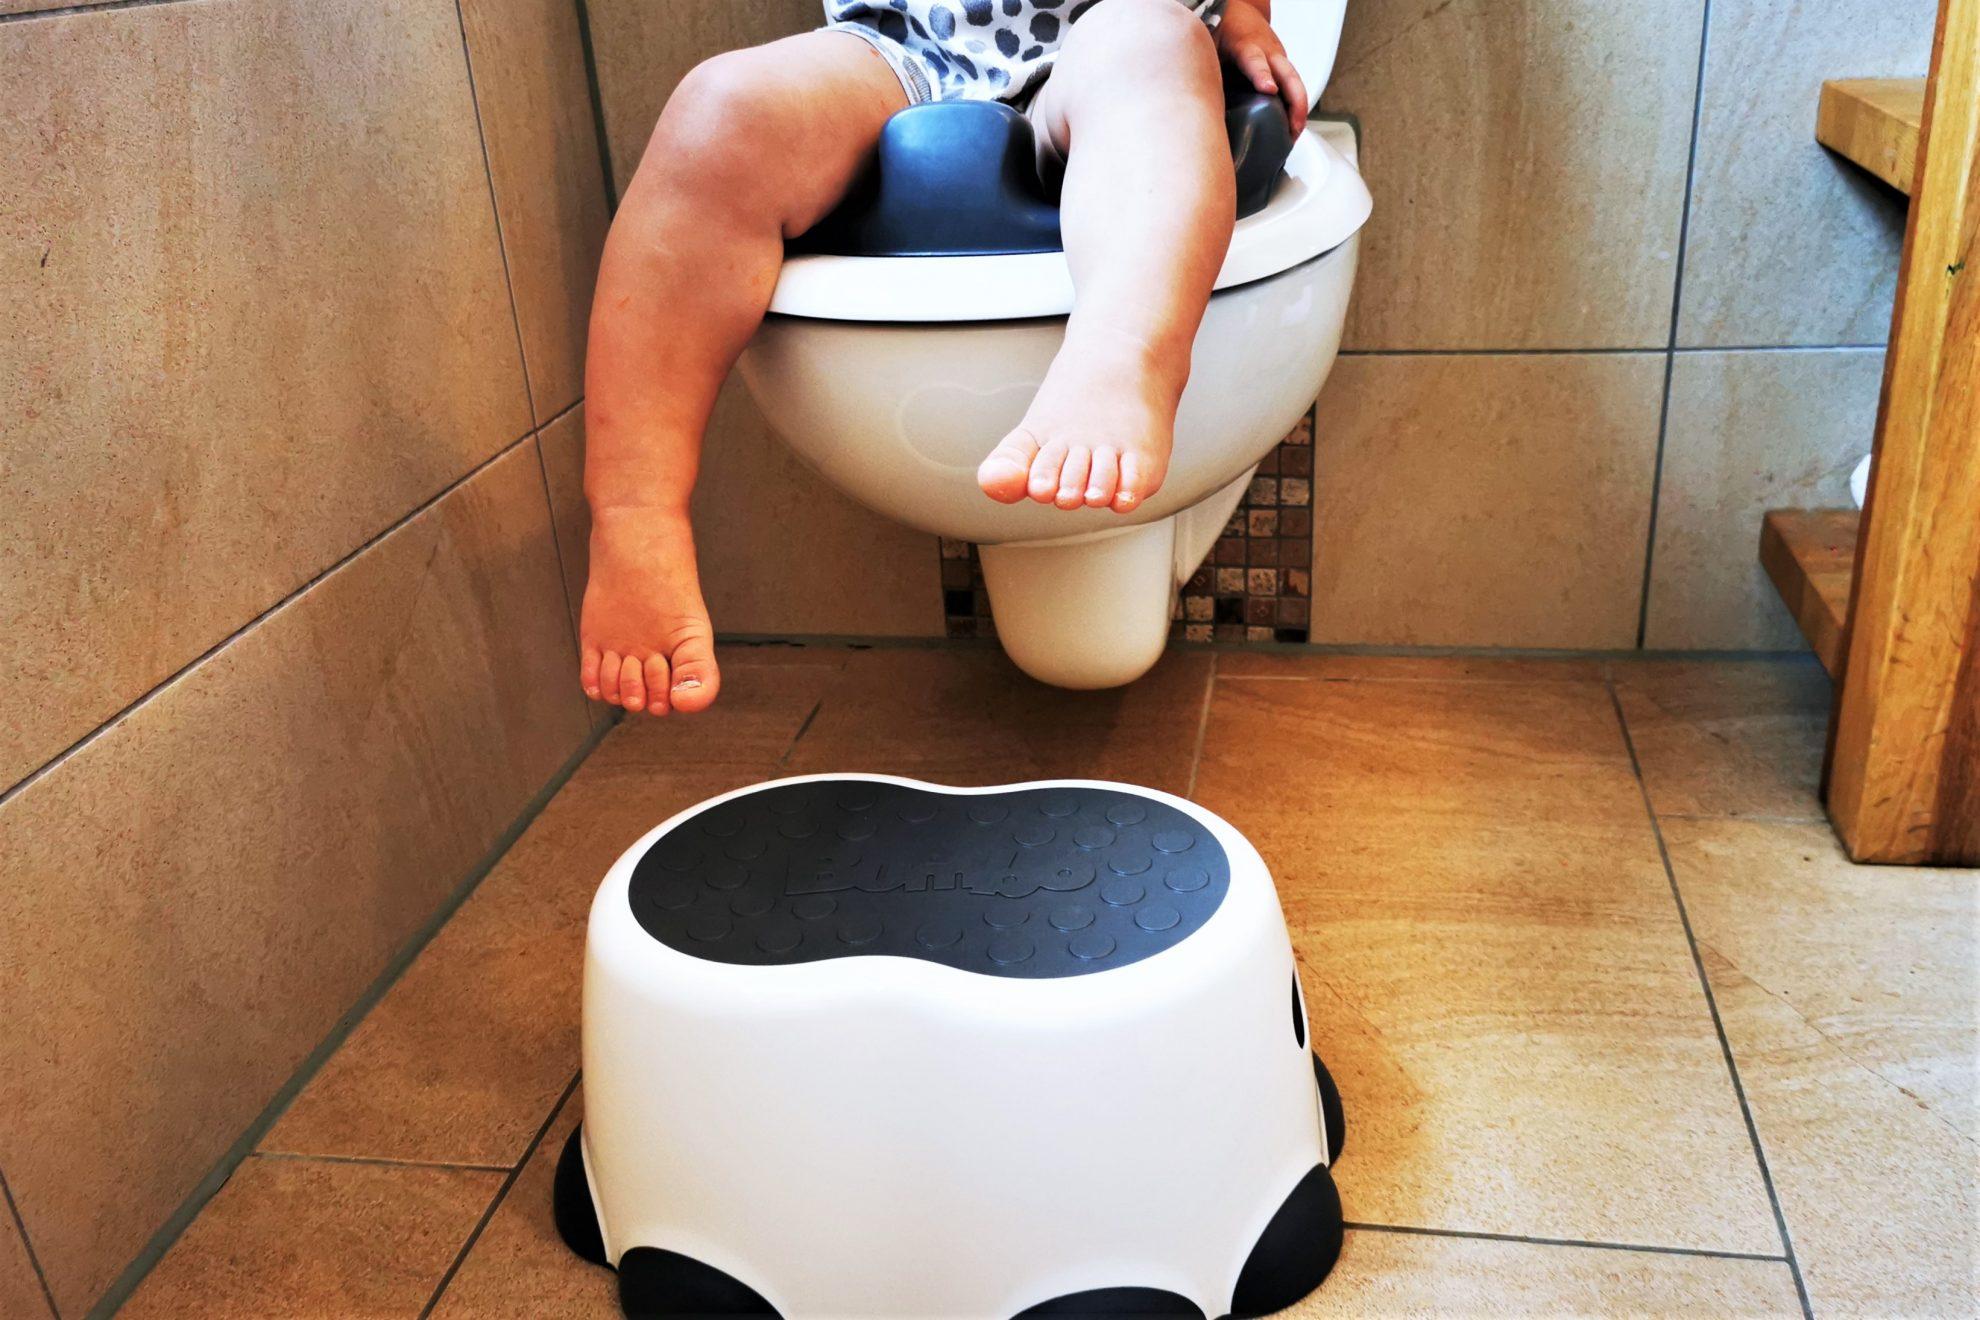 Bumbo bietet viel Komfort und Qualität für die Kleinsten. Mit seinen ausgewählten Produkten erleichtert Bumbo den Alltag mit Kleinkind.